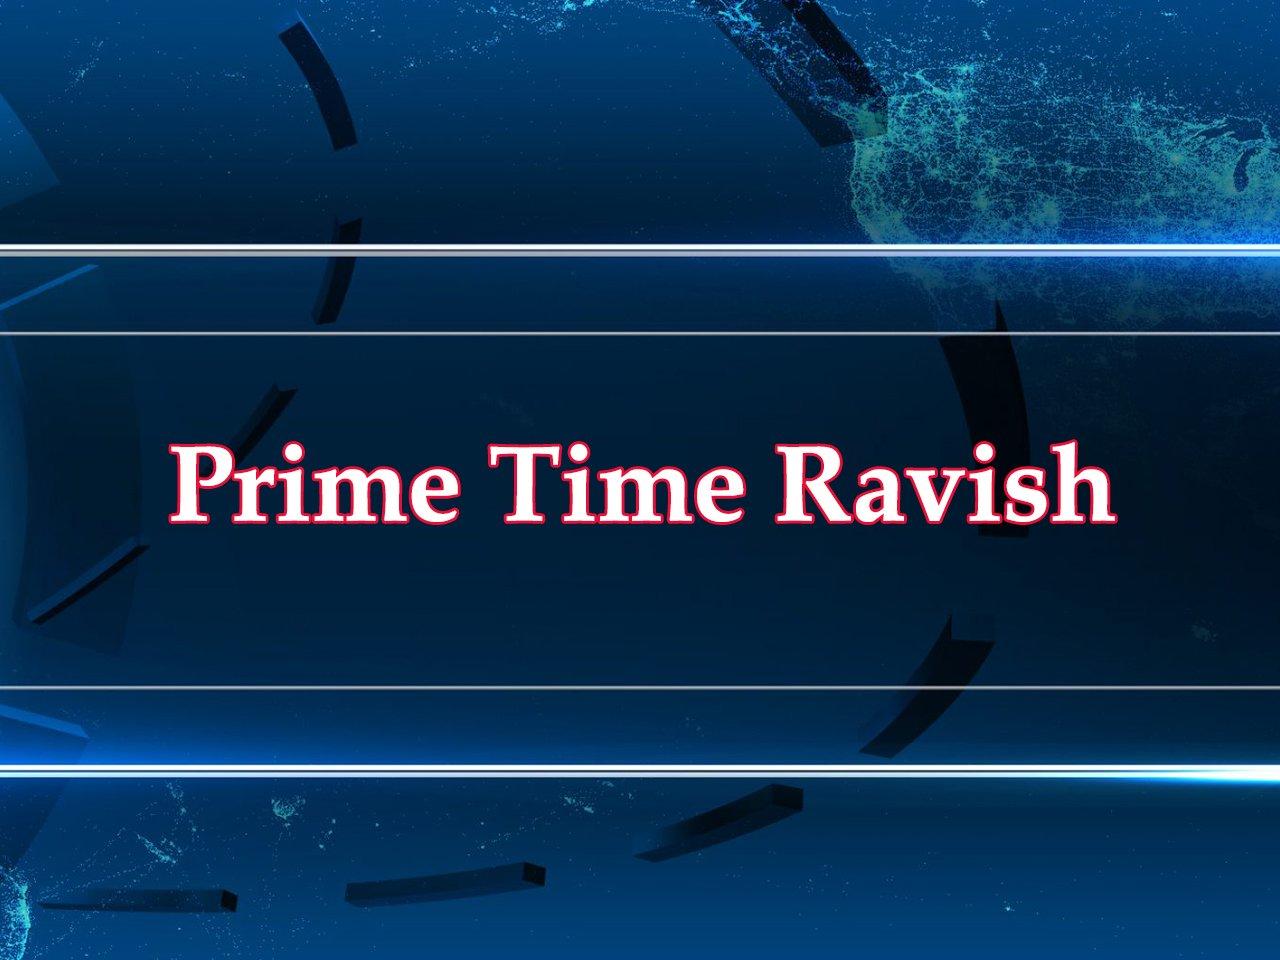 Prime Time Ravish-NDTV Profit